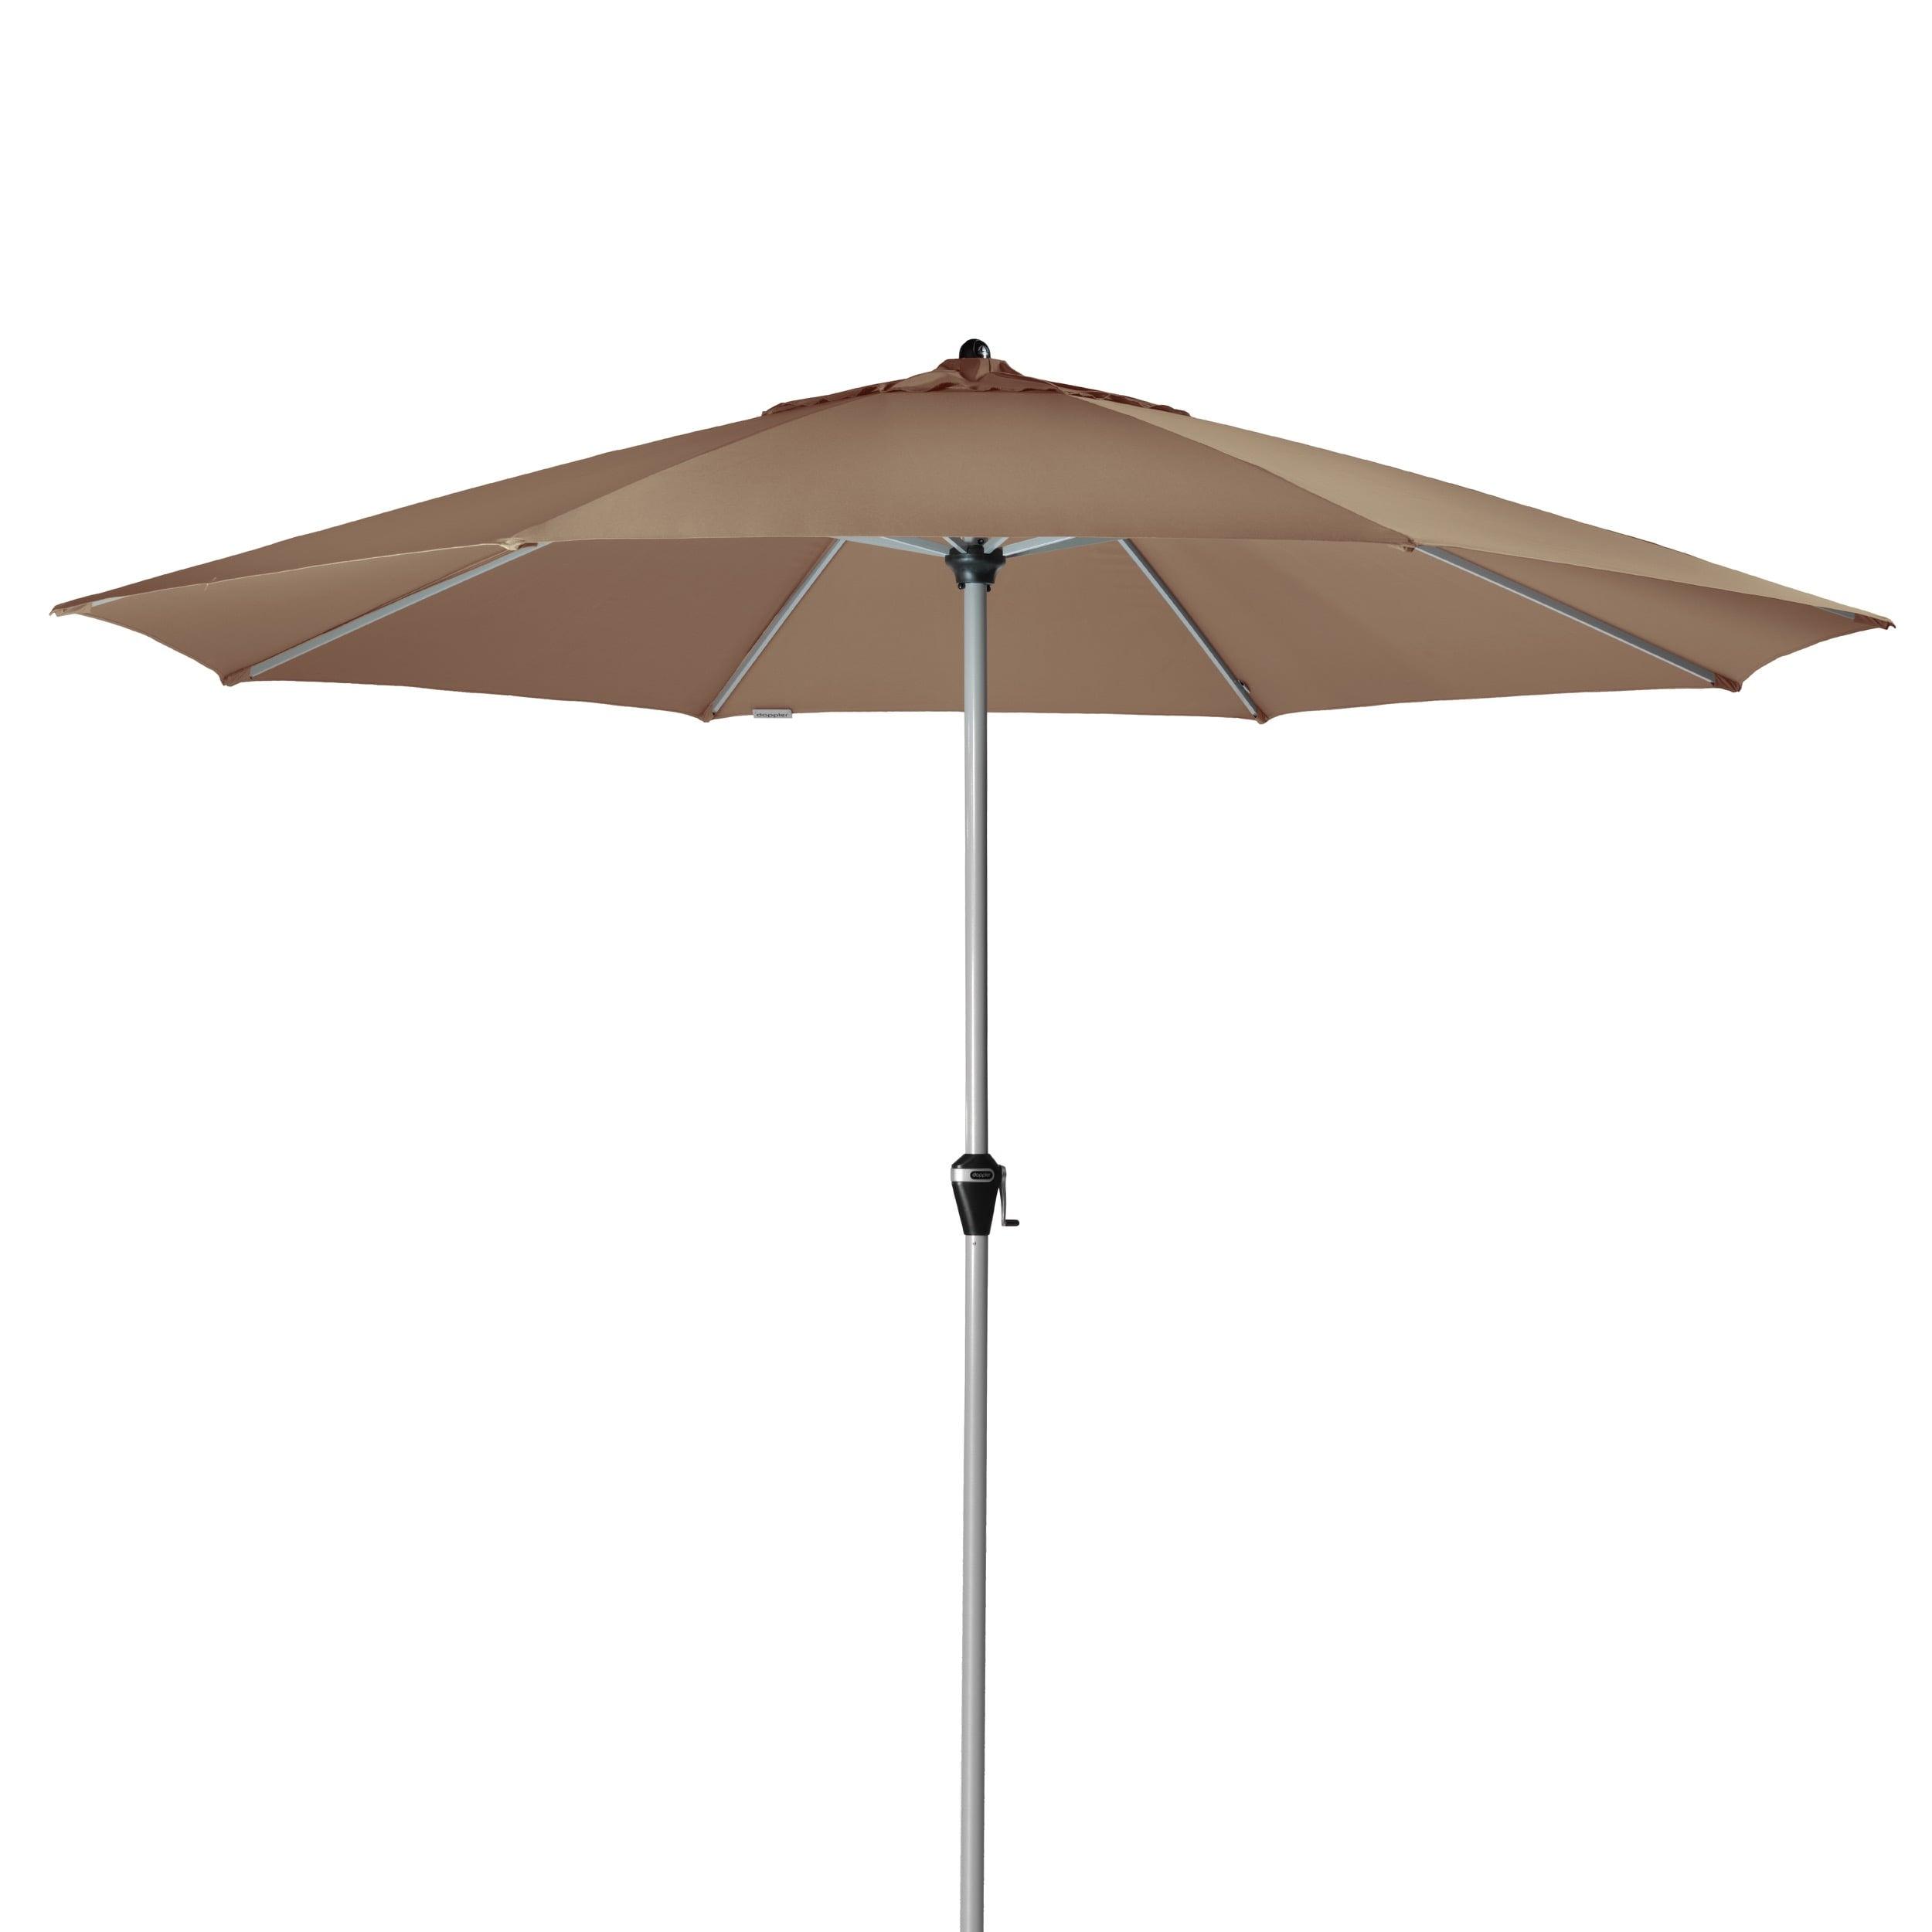 ACTIVE KURBEL 380 cm –  středový slunečník s klikou